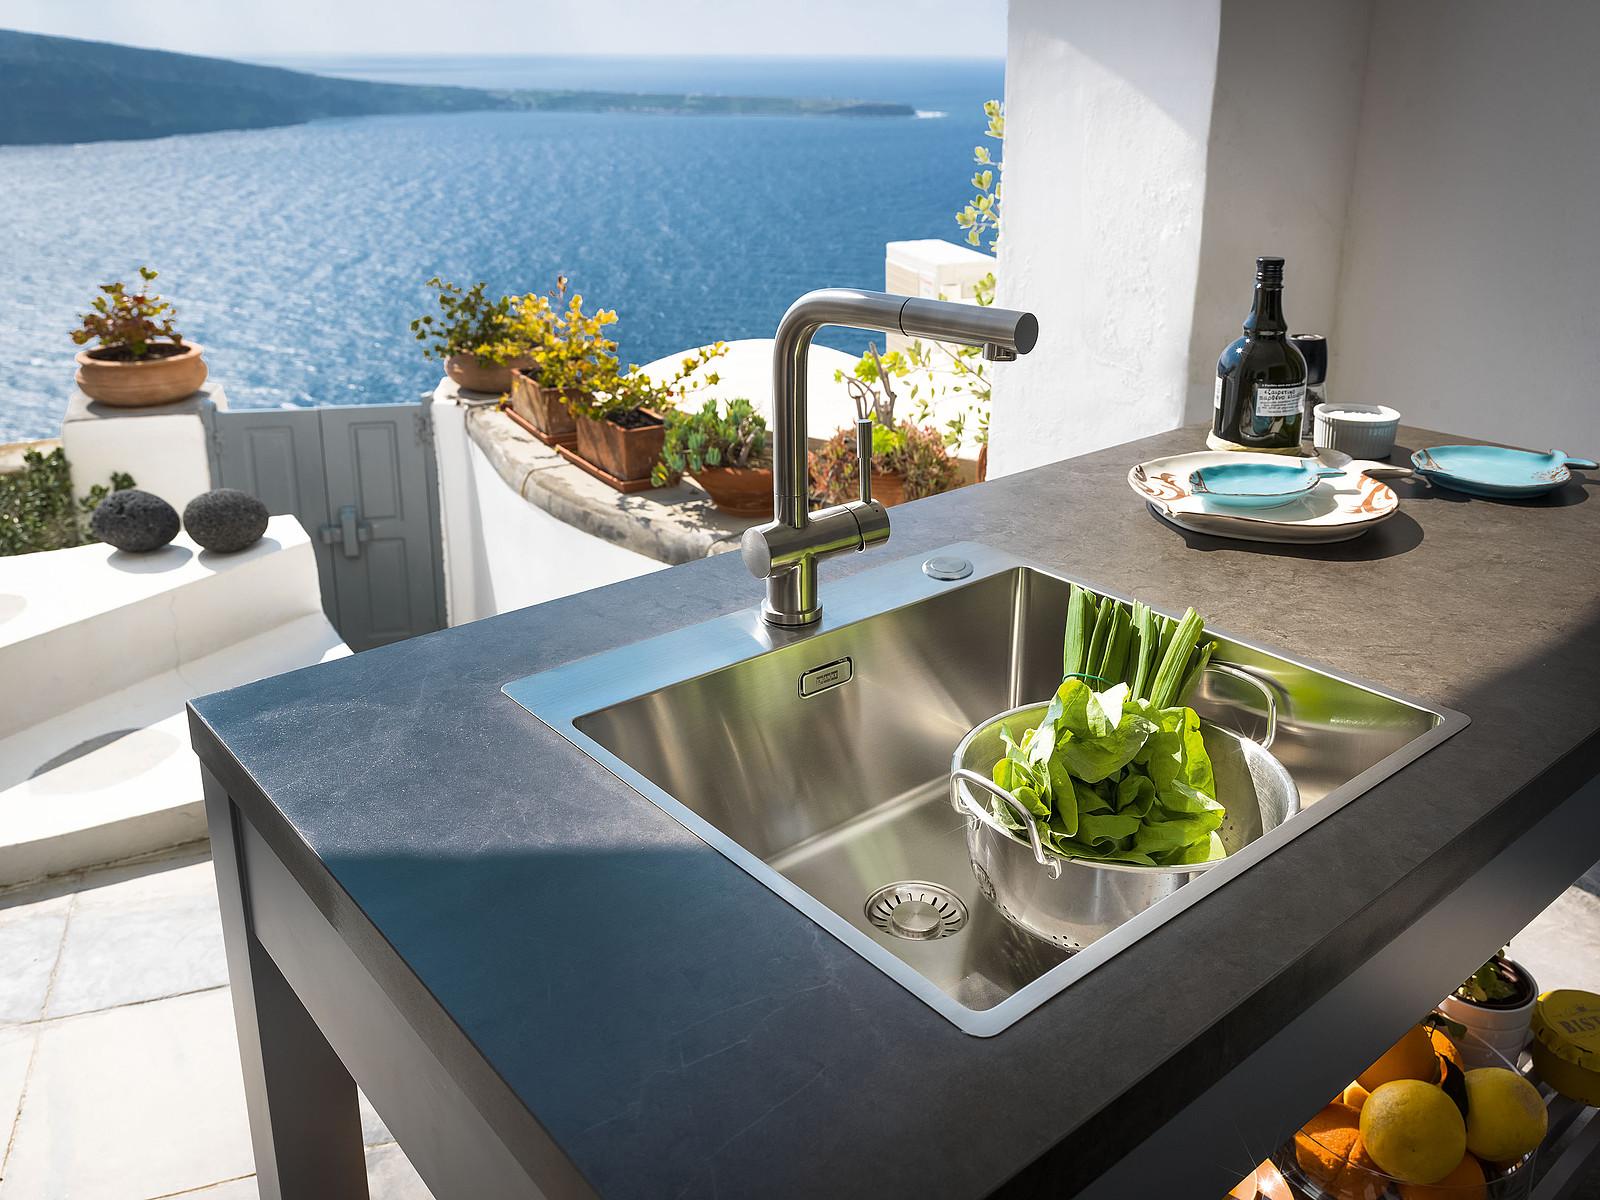 Full Size of Mobile Outdoorküche Outdoor Kche Tipps Fr Das Kochen Im Sonnenschein Küche Wohnzimmer Mobile Outdoorküche